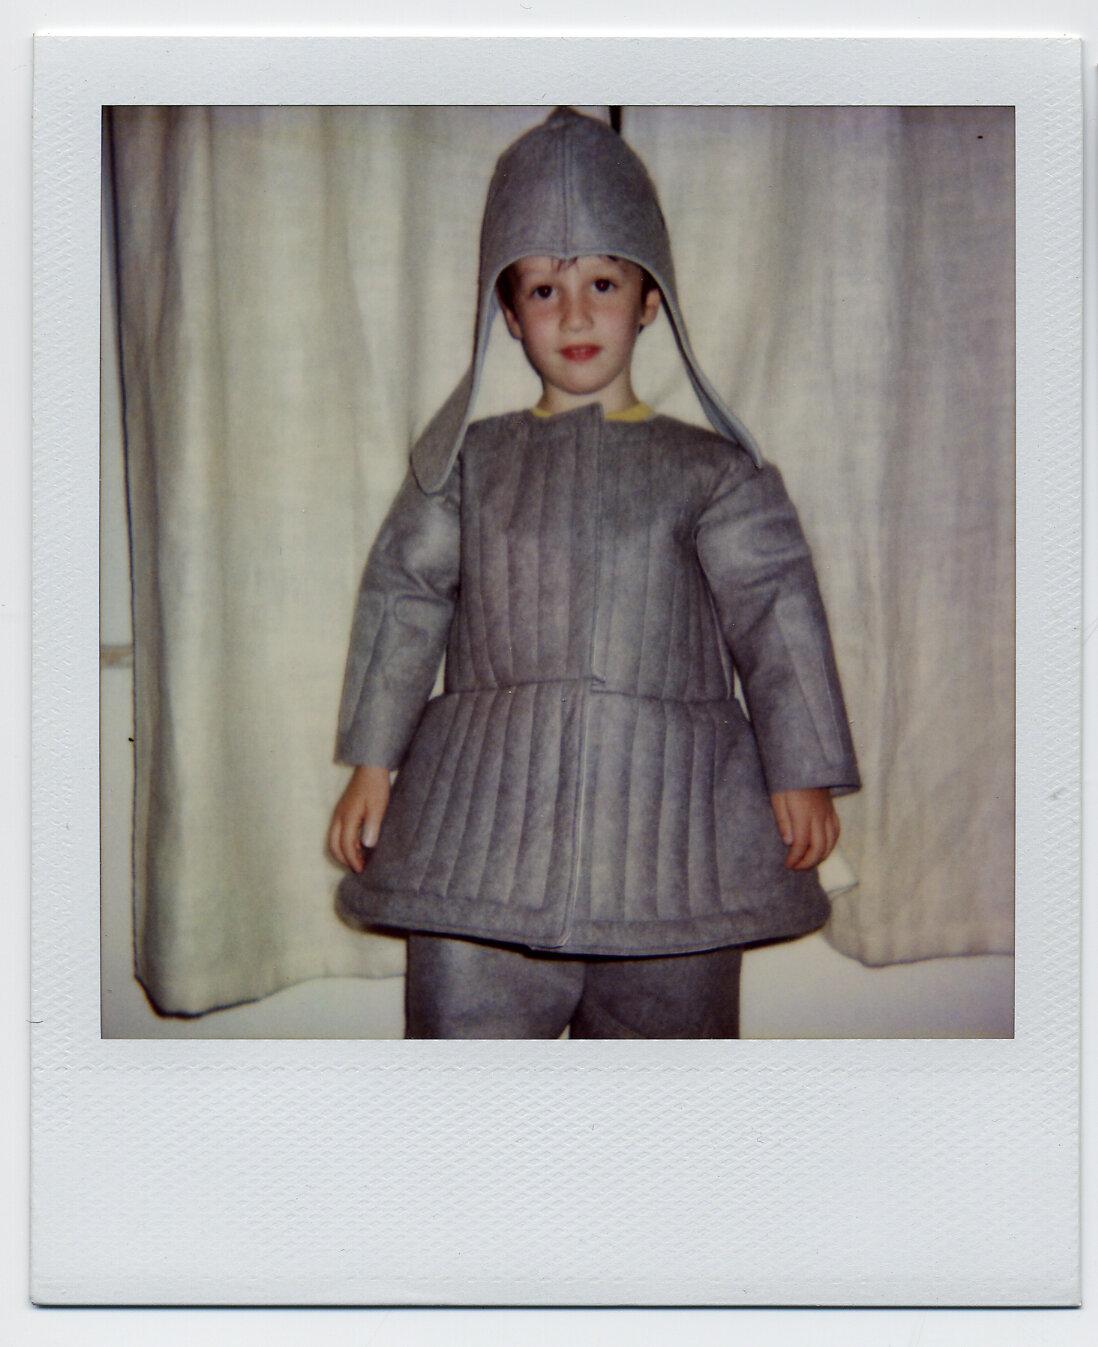 radiohead costume.jpg